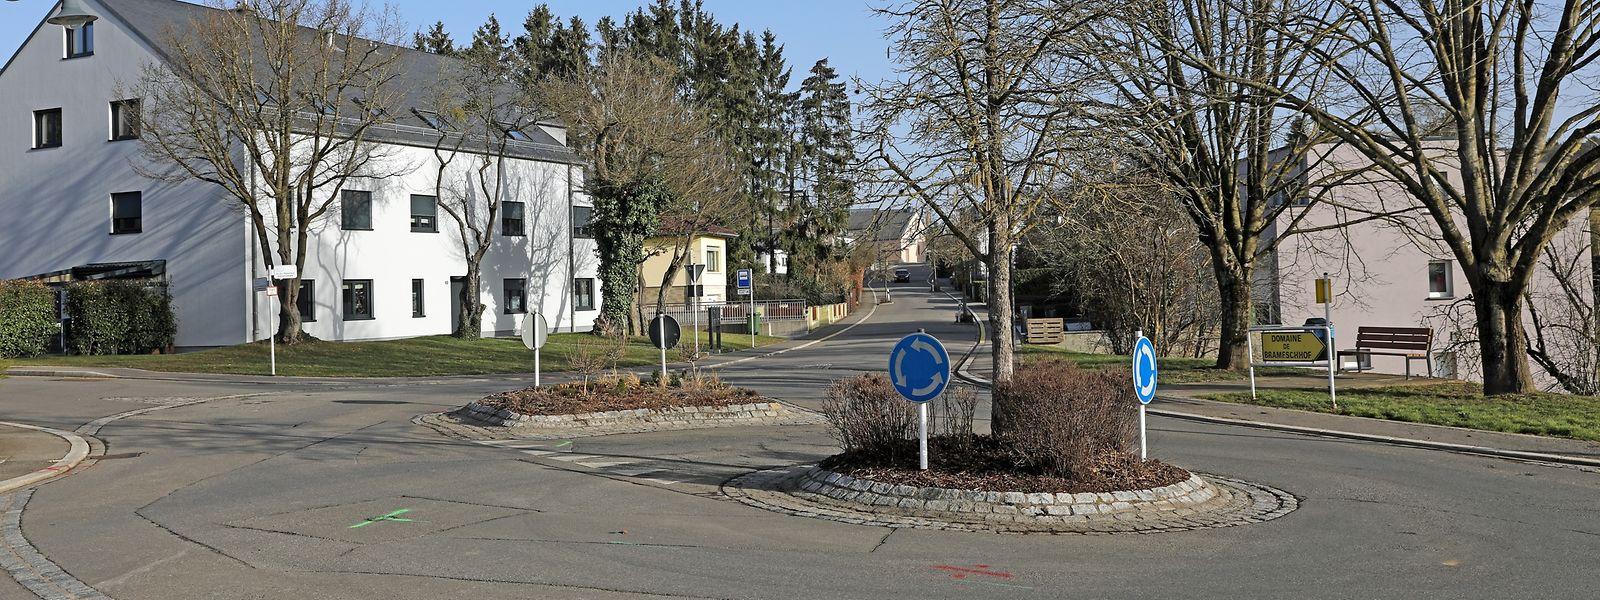 Oft belächelt und häufig kritisiert: Der wohl kurioseste Kreisel der Gemeinde Kehlen und Umgebung.